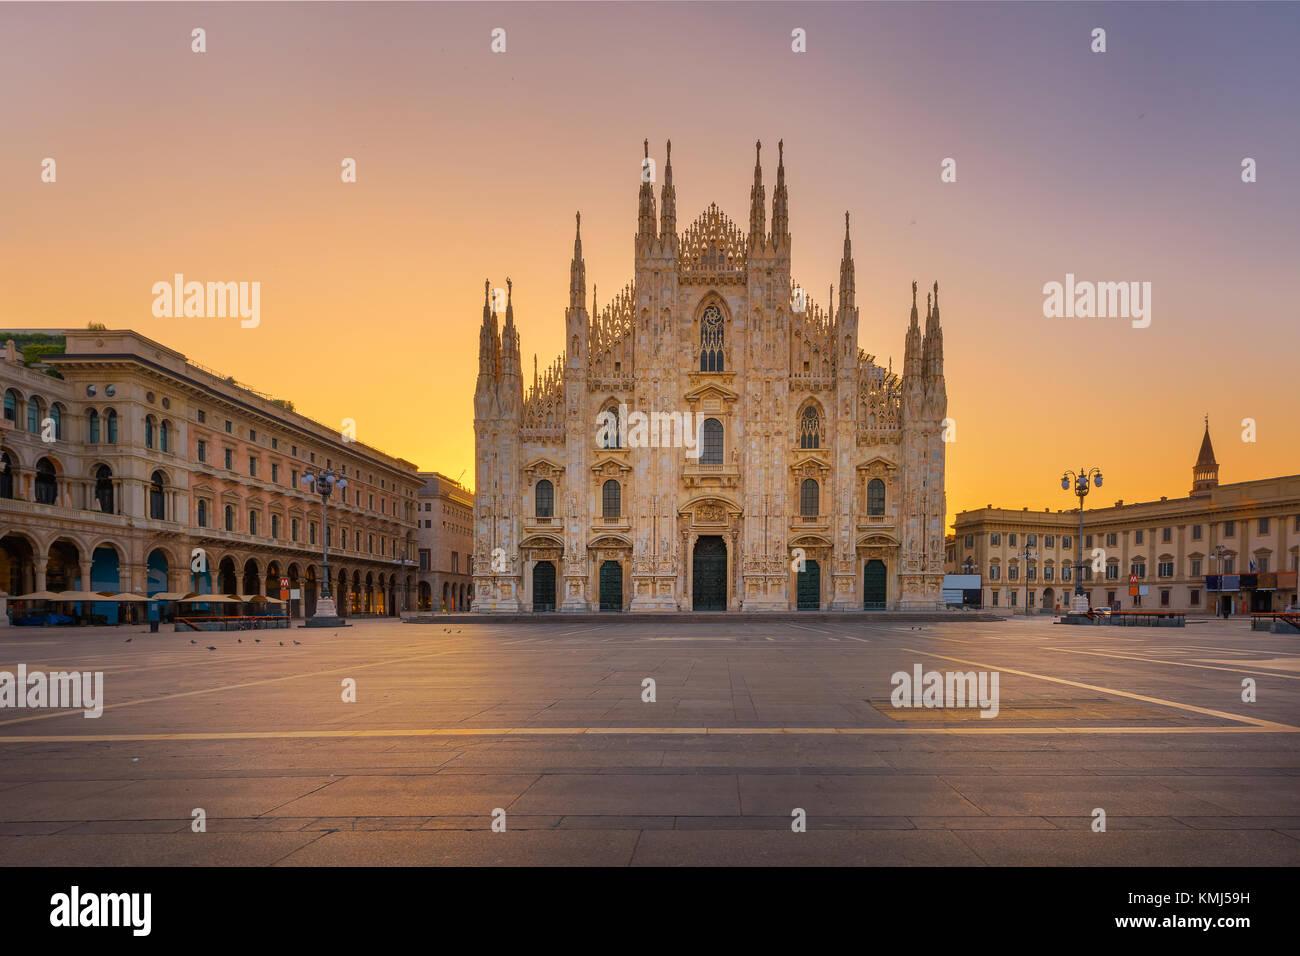 Duomo , Milan cathédrale gothique au lever du soleil,l'Europe.photo horizontale avec copie-espace. Photo Stock